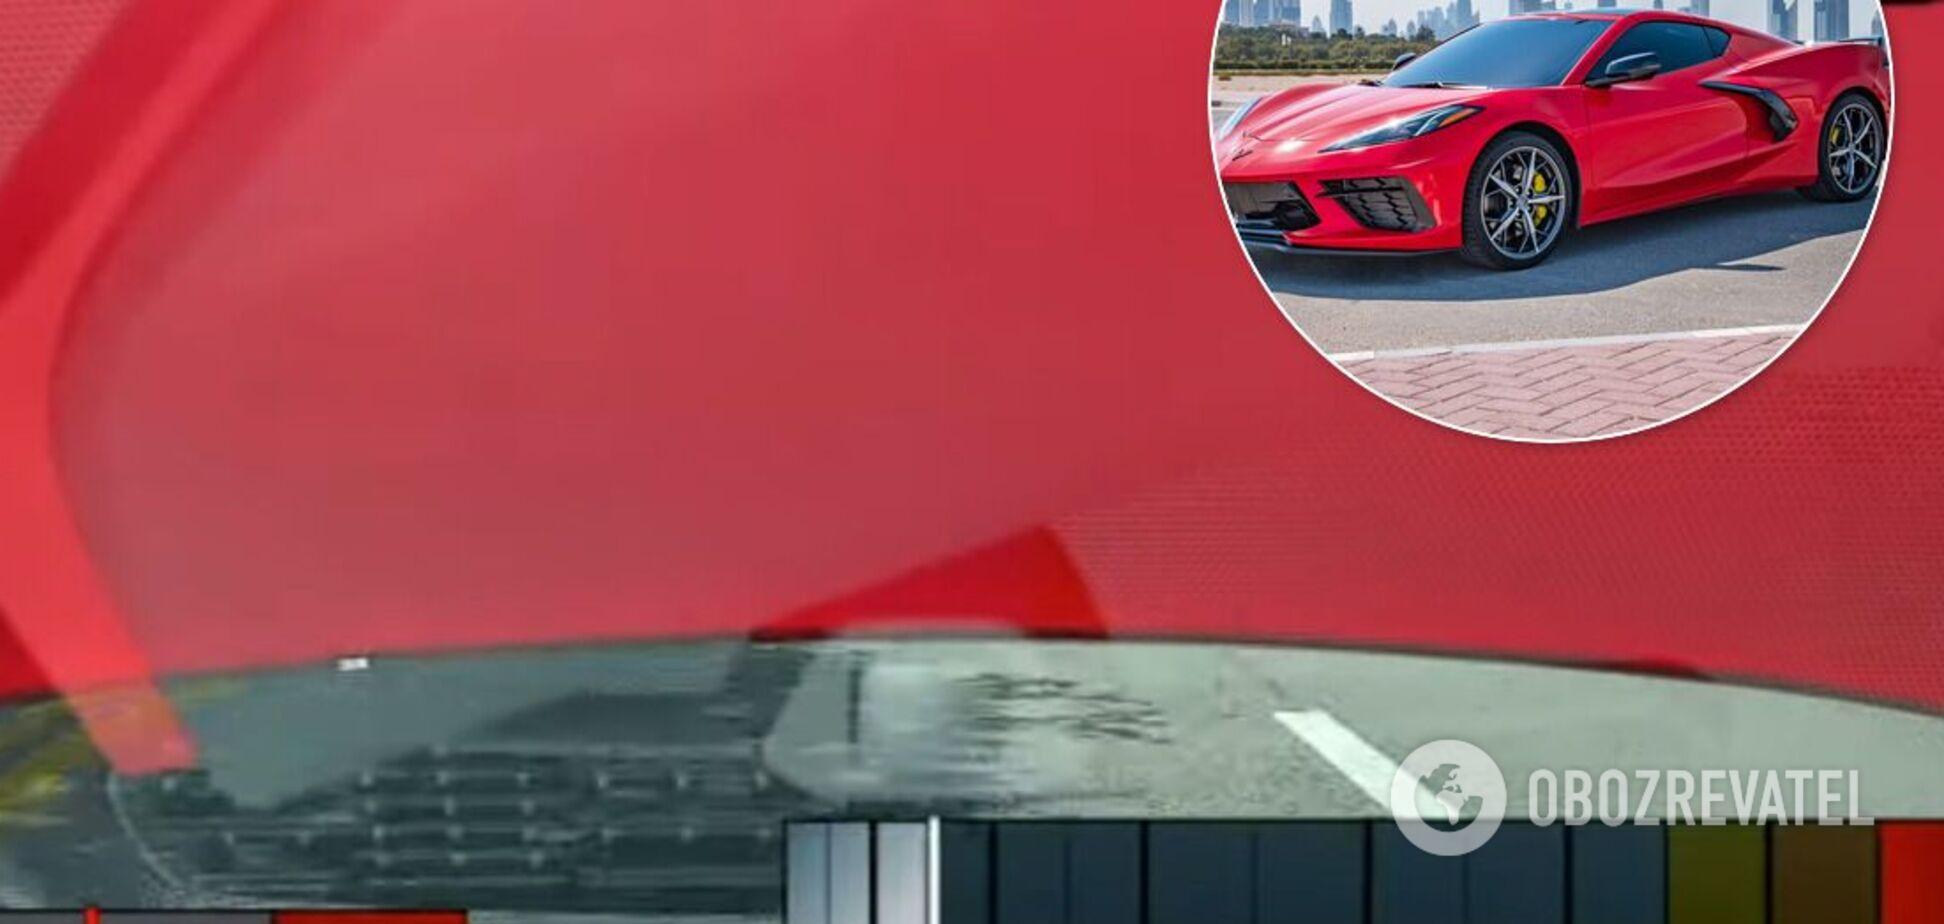 У нового Chevrolet Corvette C8 обнаружился дефект